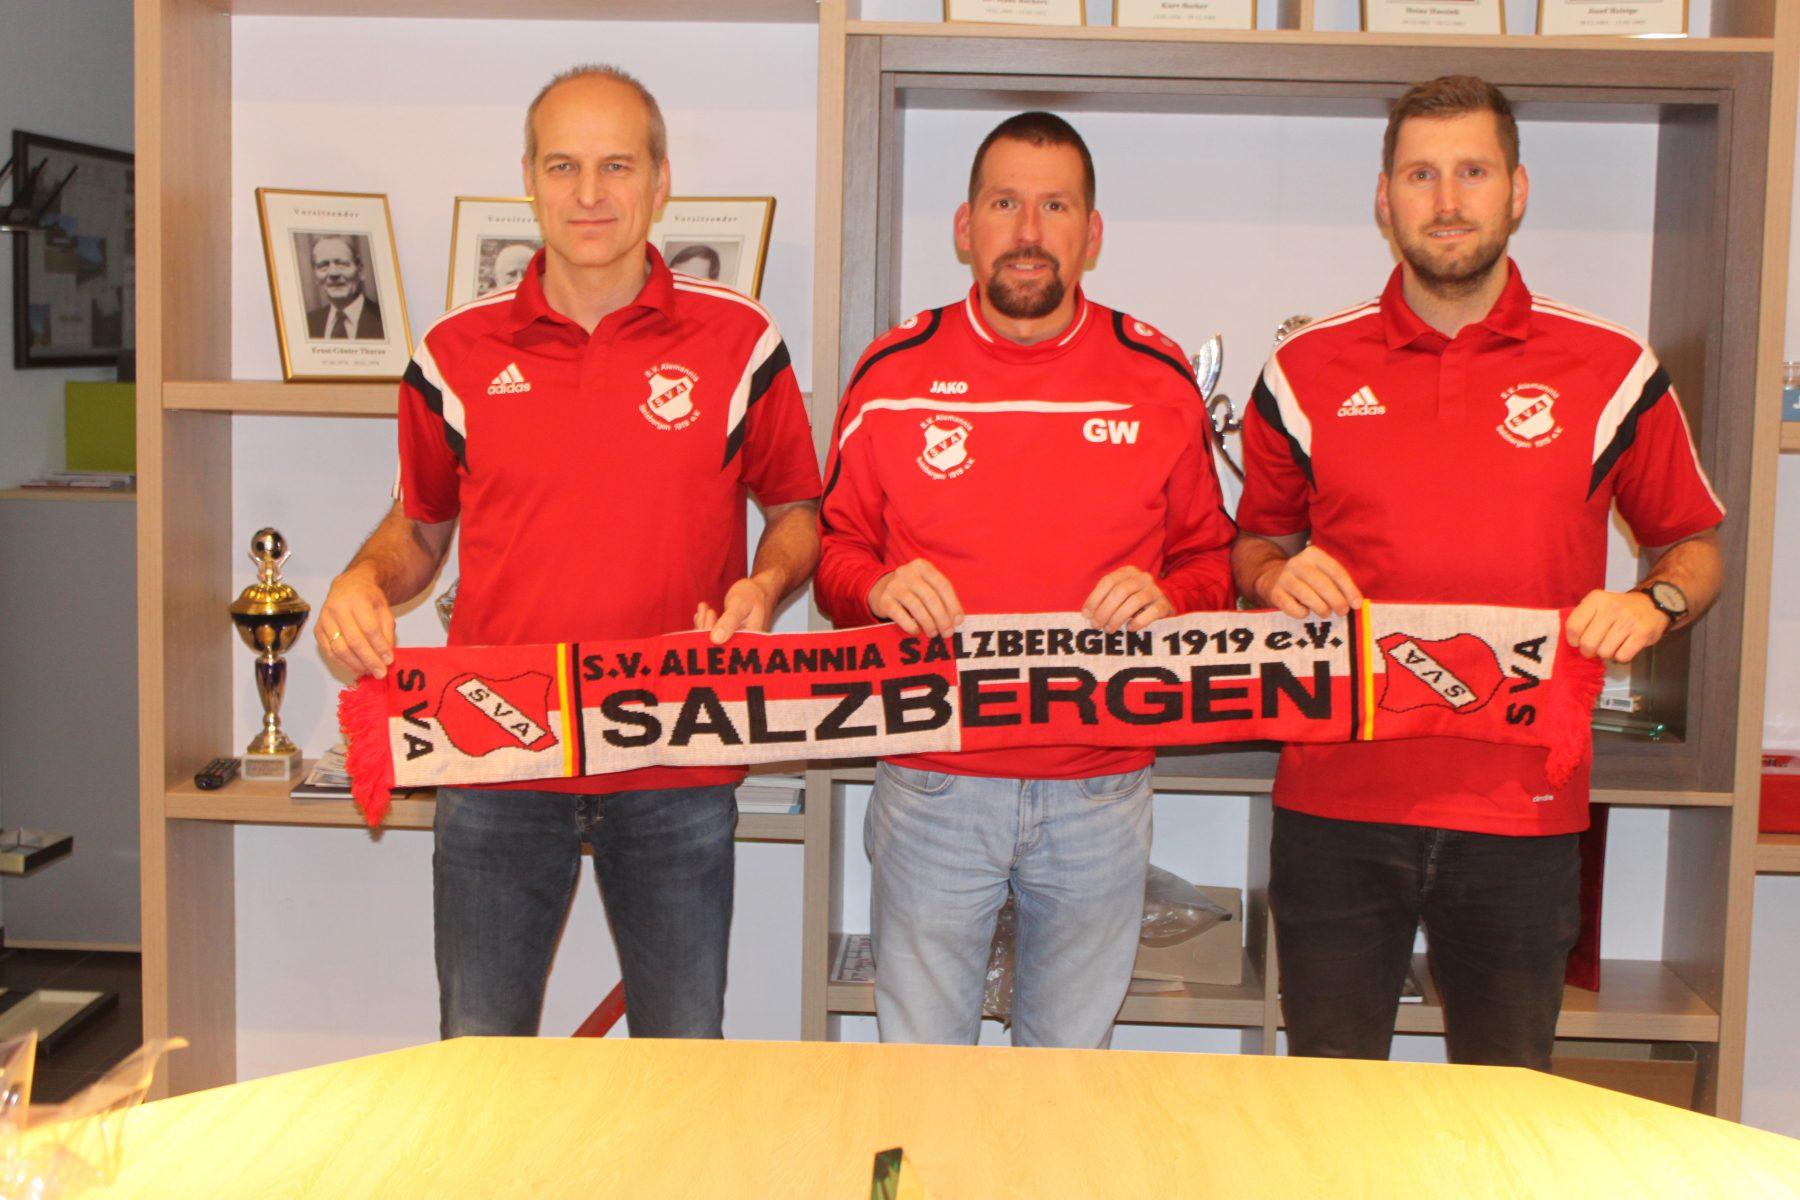 Trainerwechsel bei der Ersten Mannschaft des SVA Salzbergen im Sommer